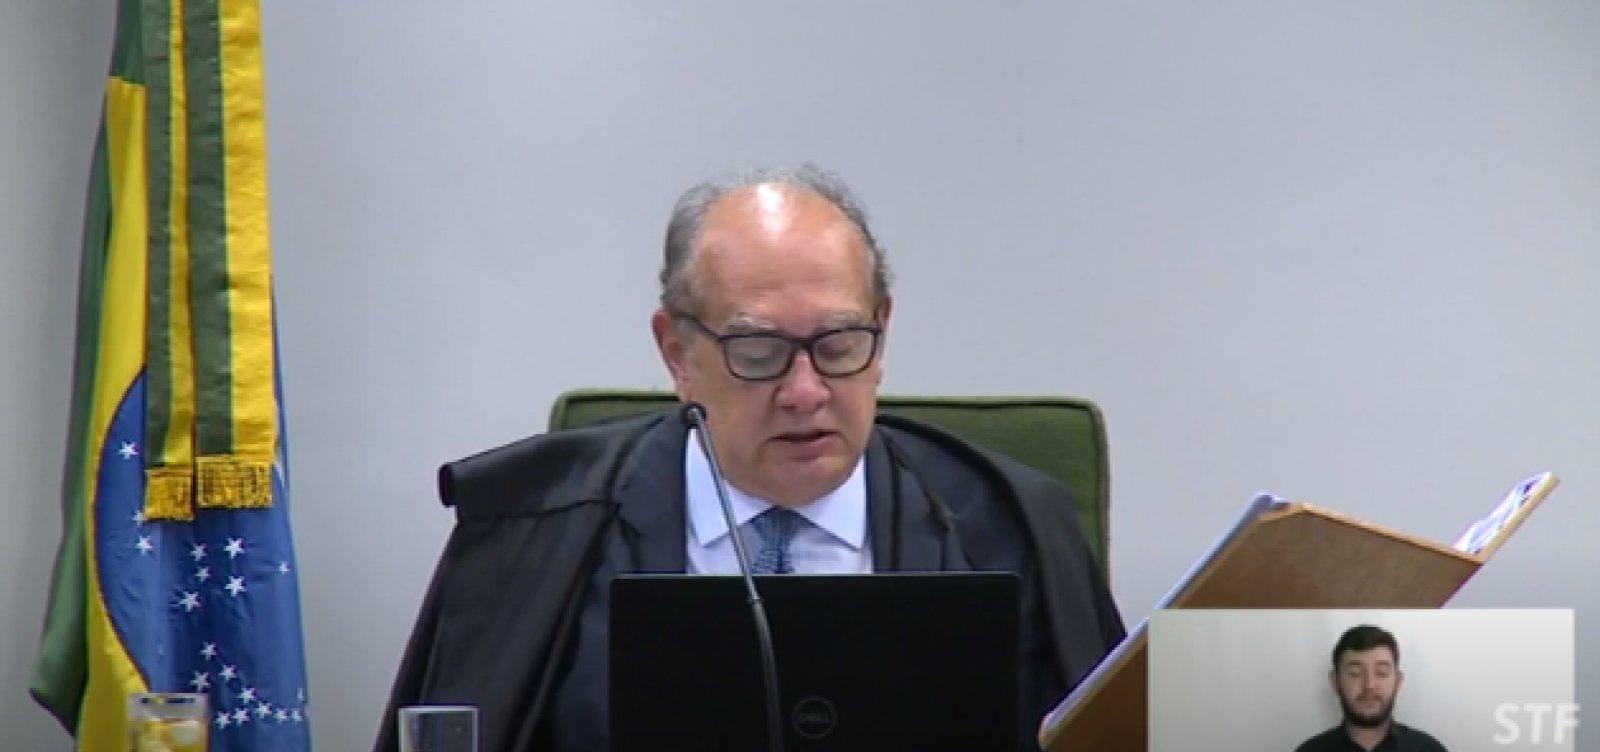 Segunda turma do STF julga suspeição de Moro em casos de Lula; acompanhe